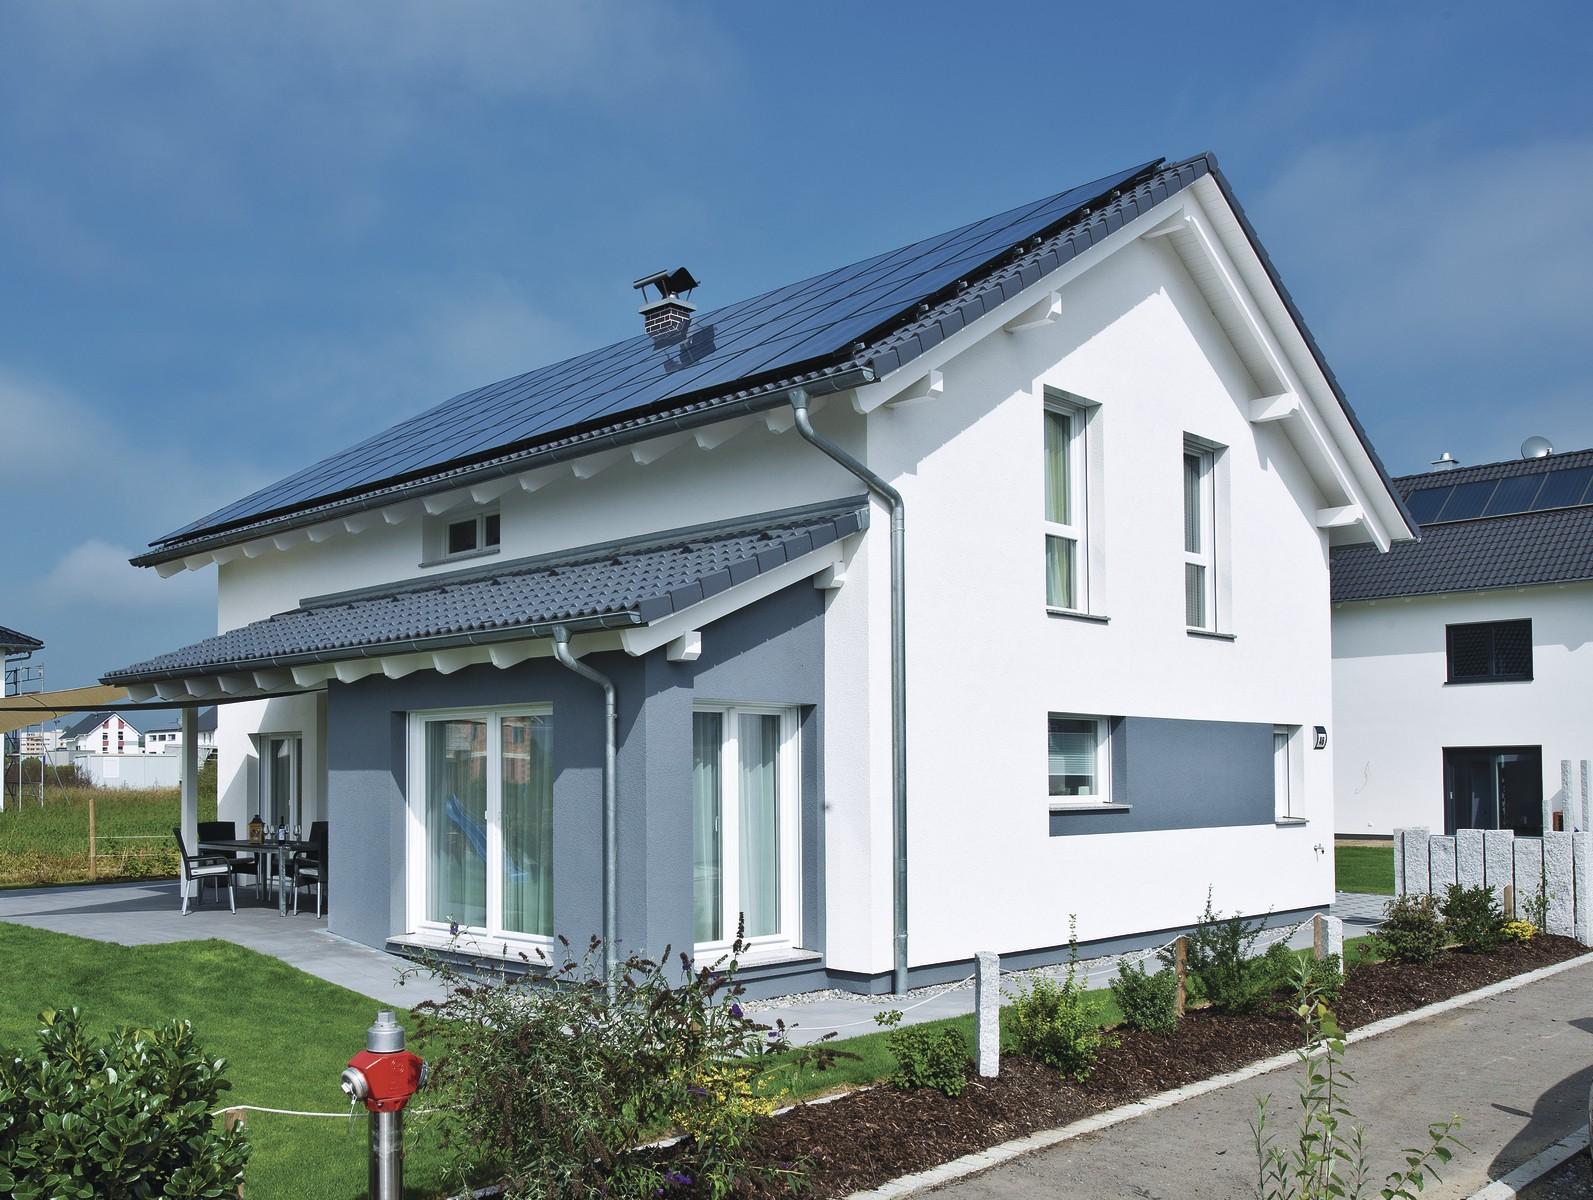 WeberHaus - Energie gewinnen und sparen